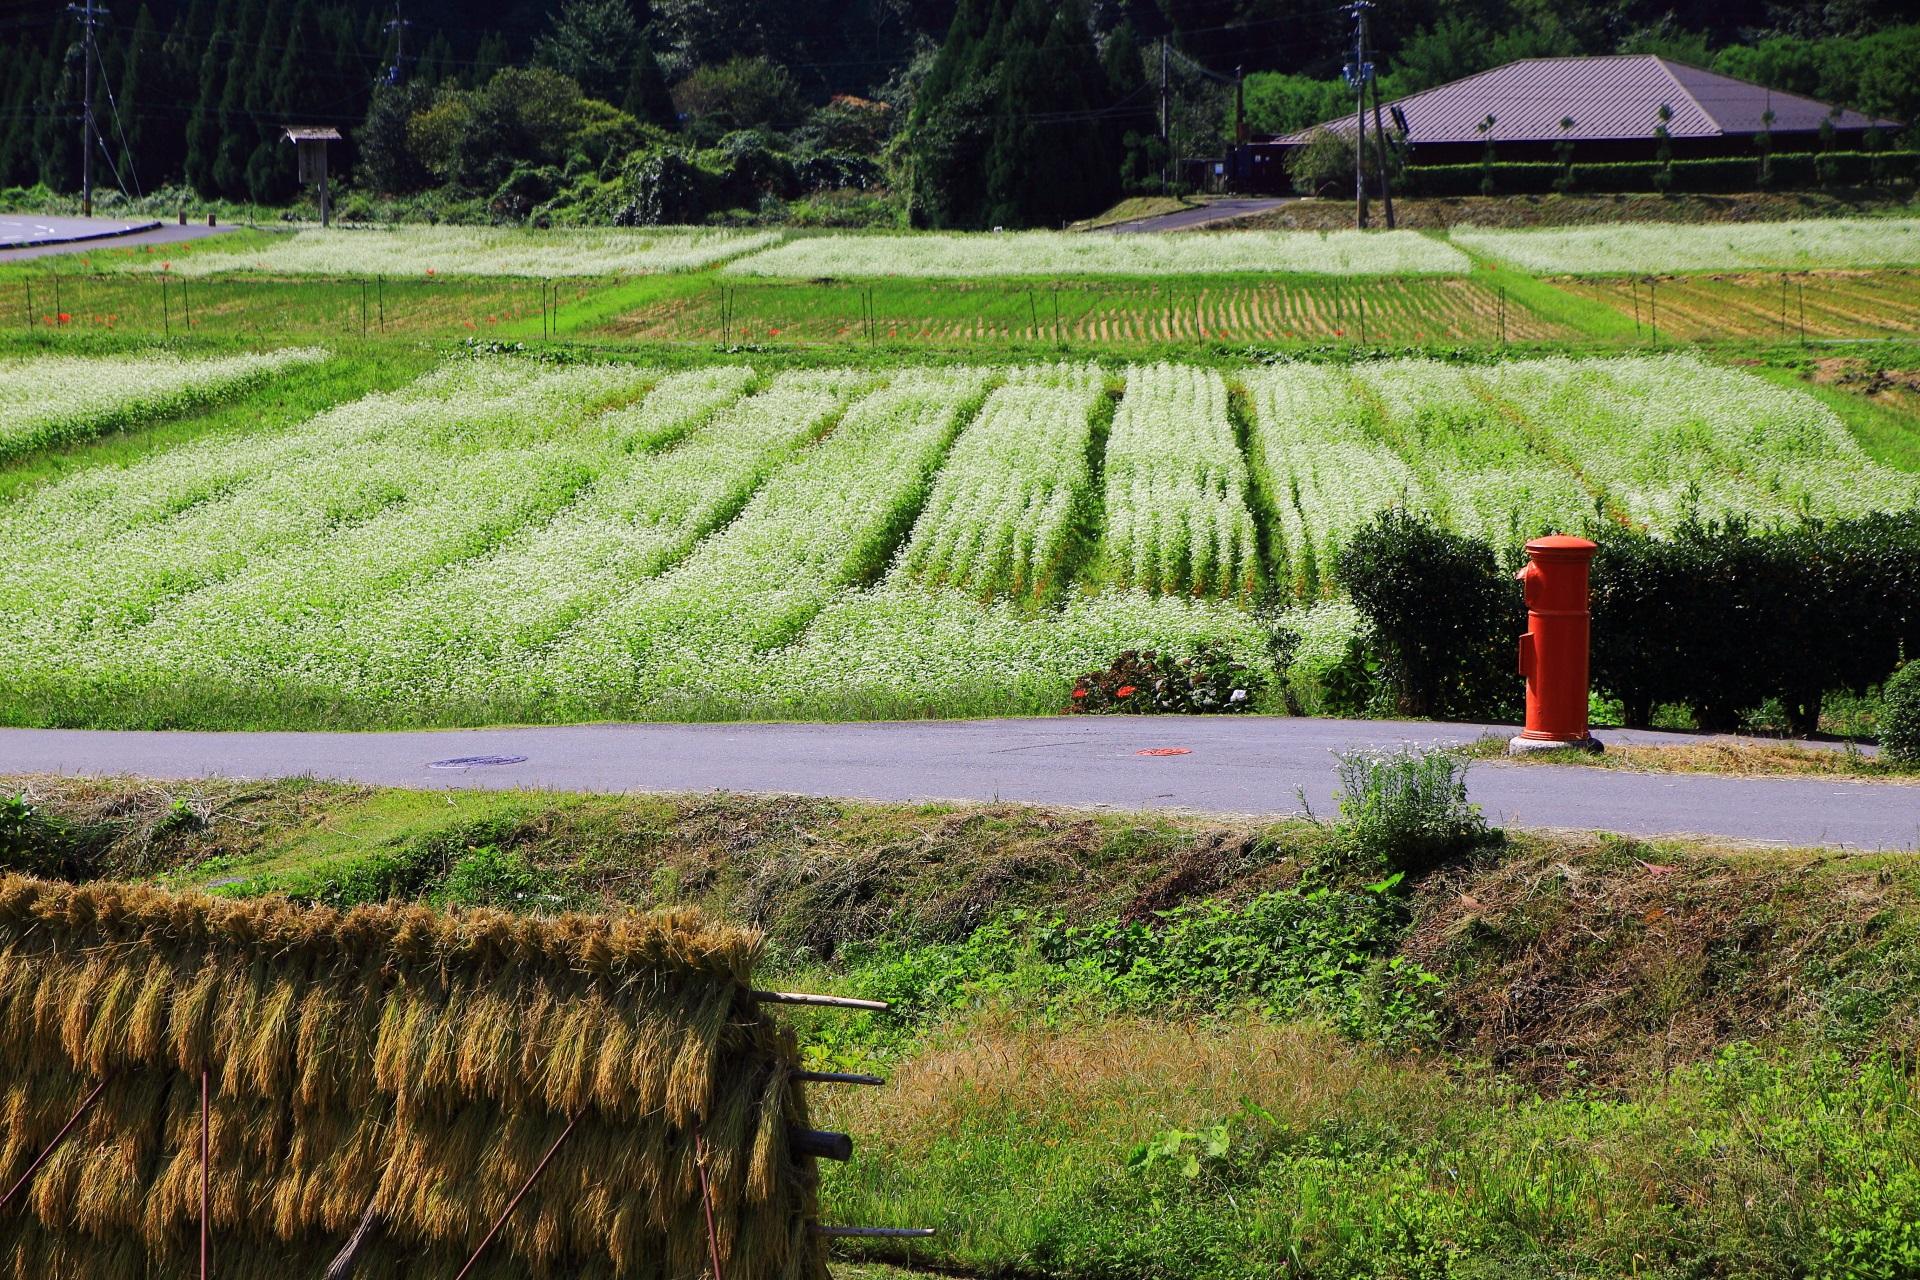 美山町の北村に広がる一面の白い蕎麦の花